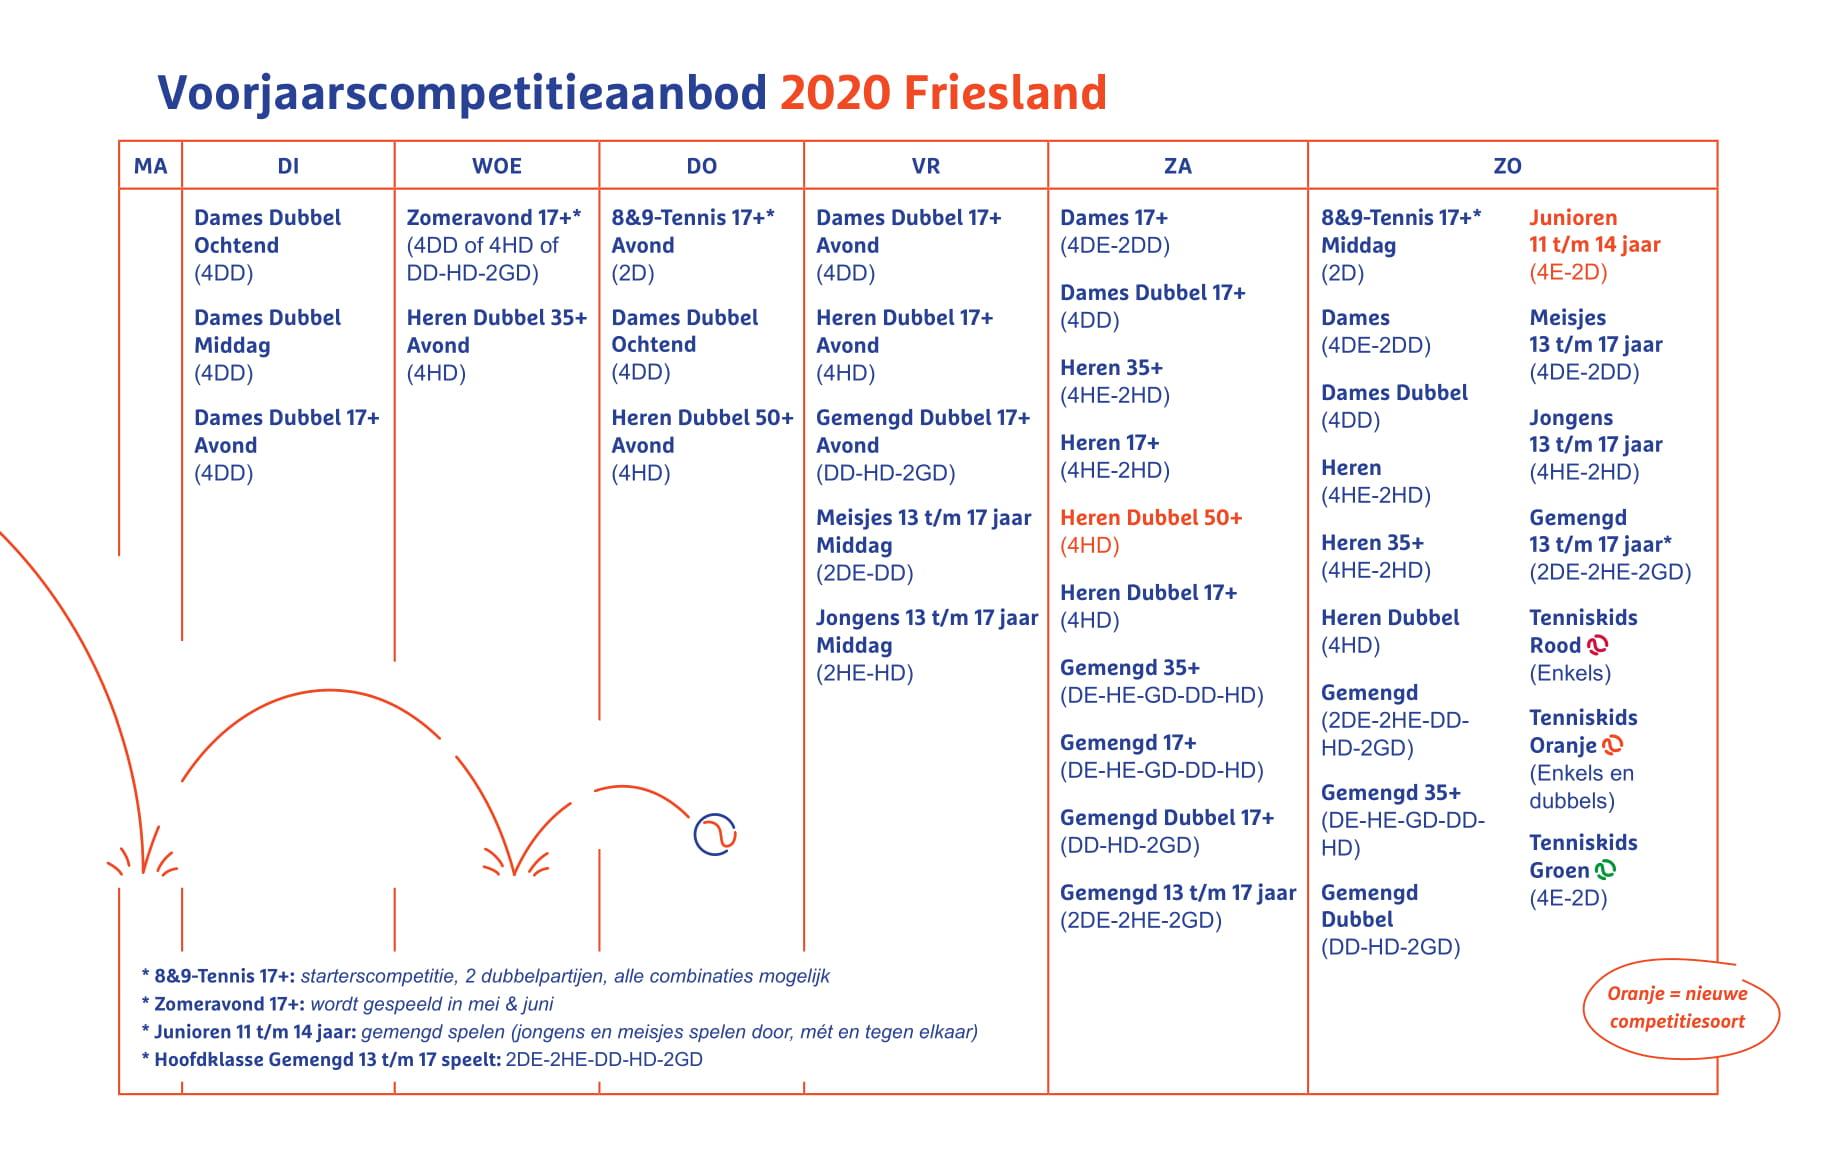 Competitie aanbod Voorjaarscompetitie 2020 Friesland